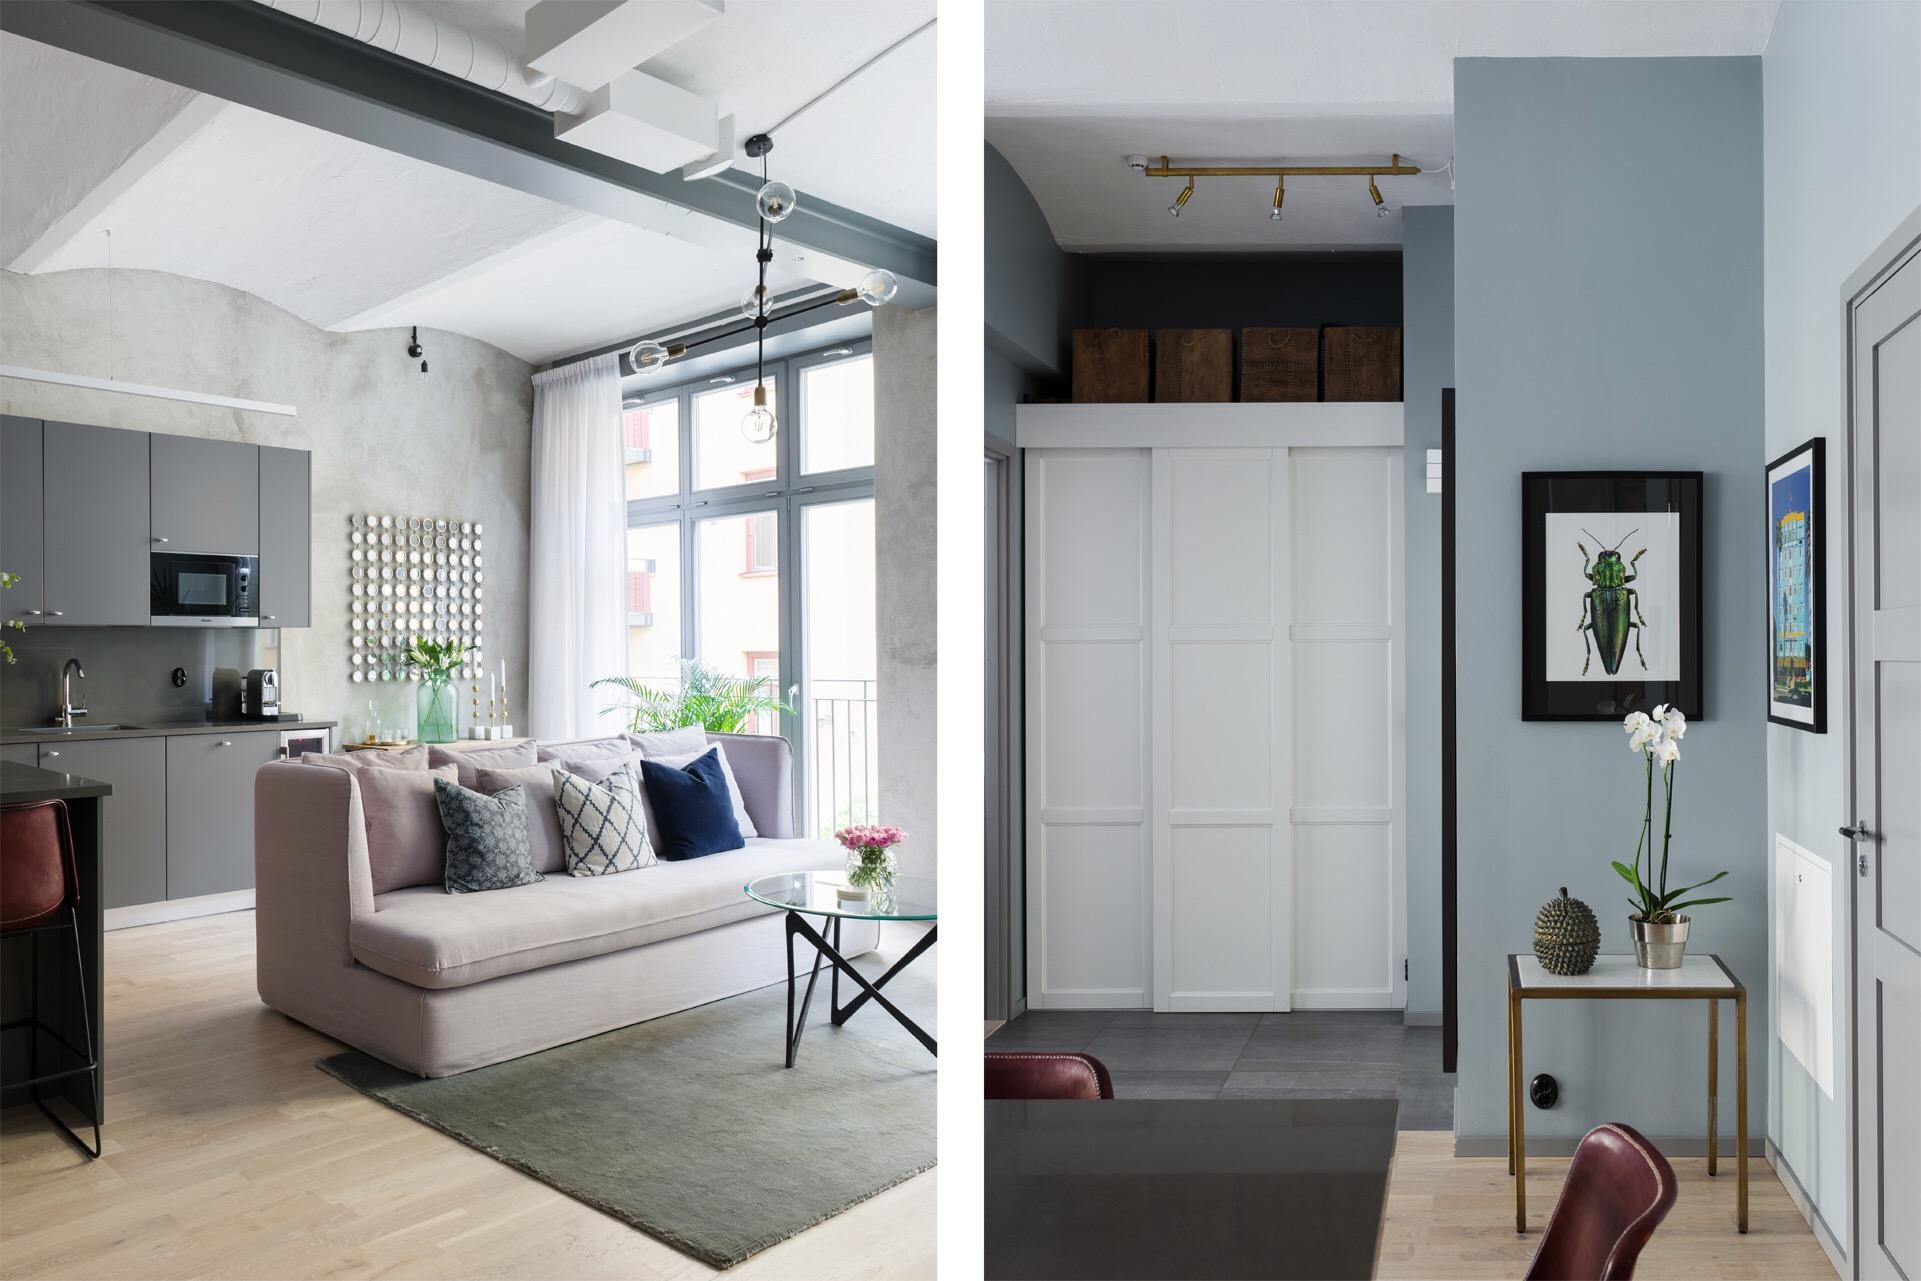 коридор встроенный шкаф раздвижные белые двери